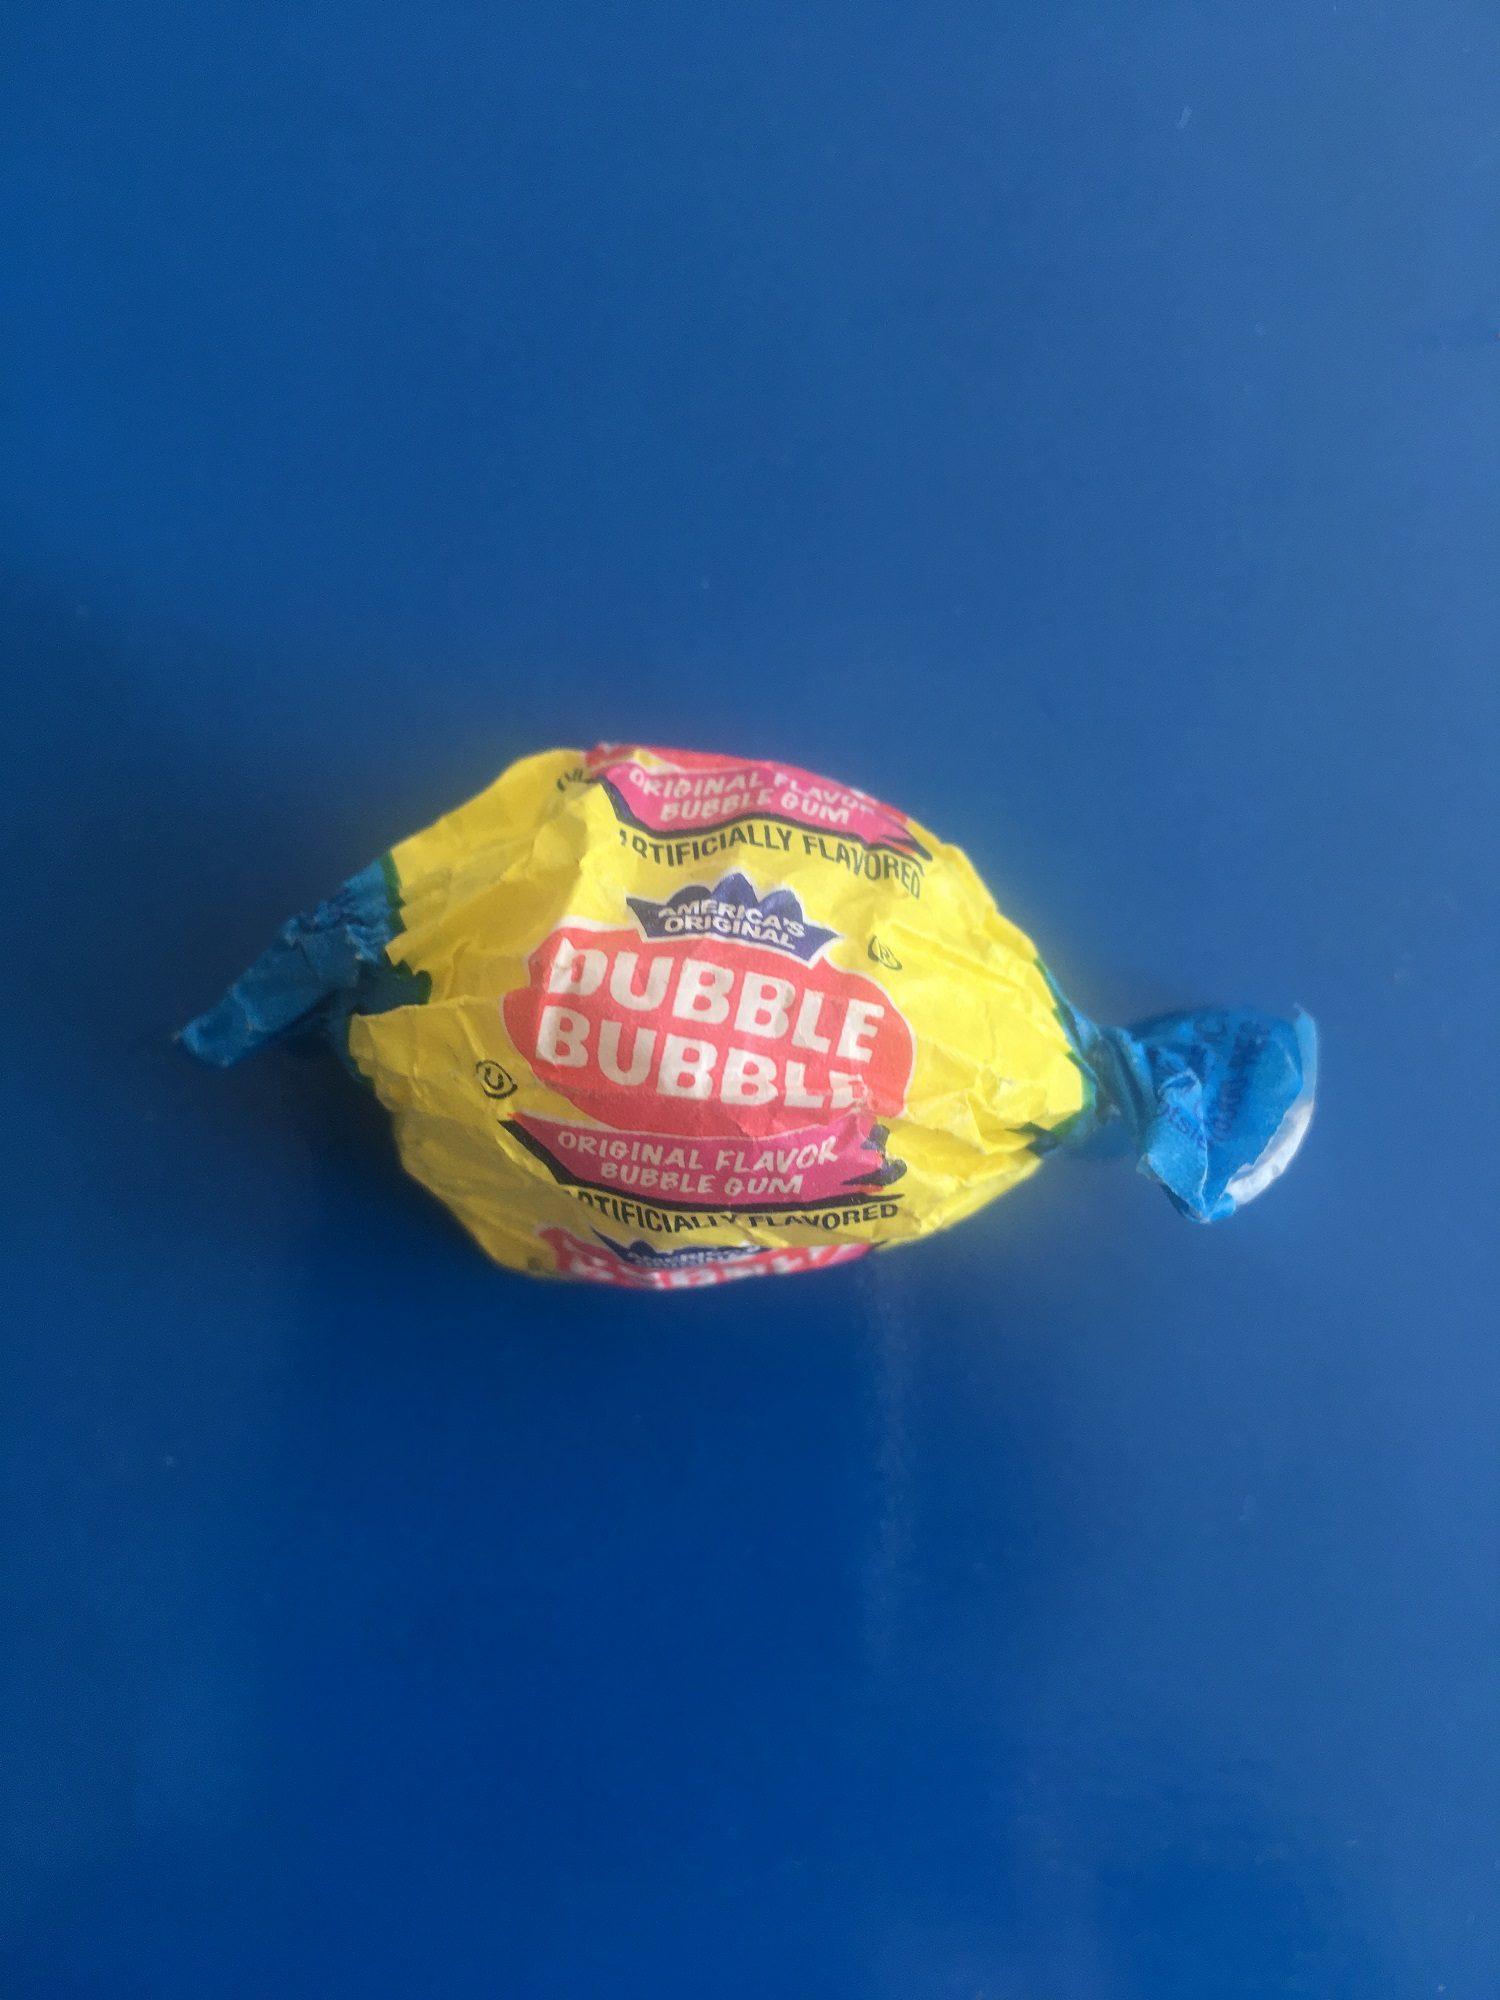 celebrate bubble gum day